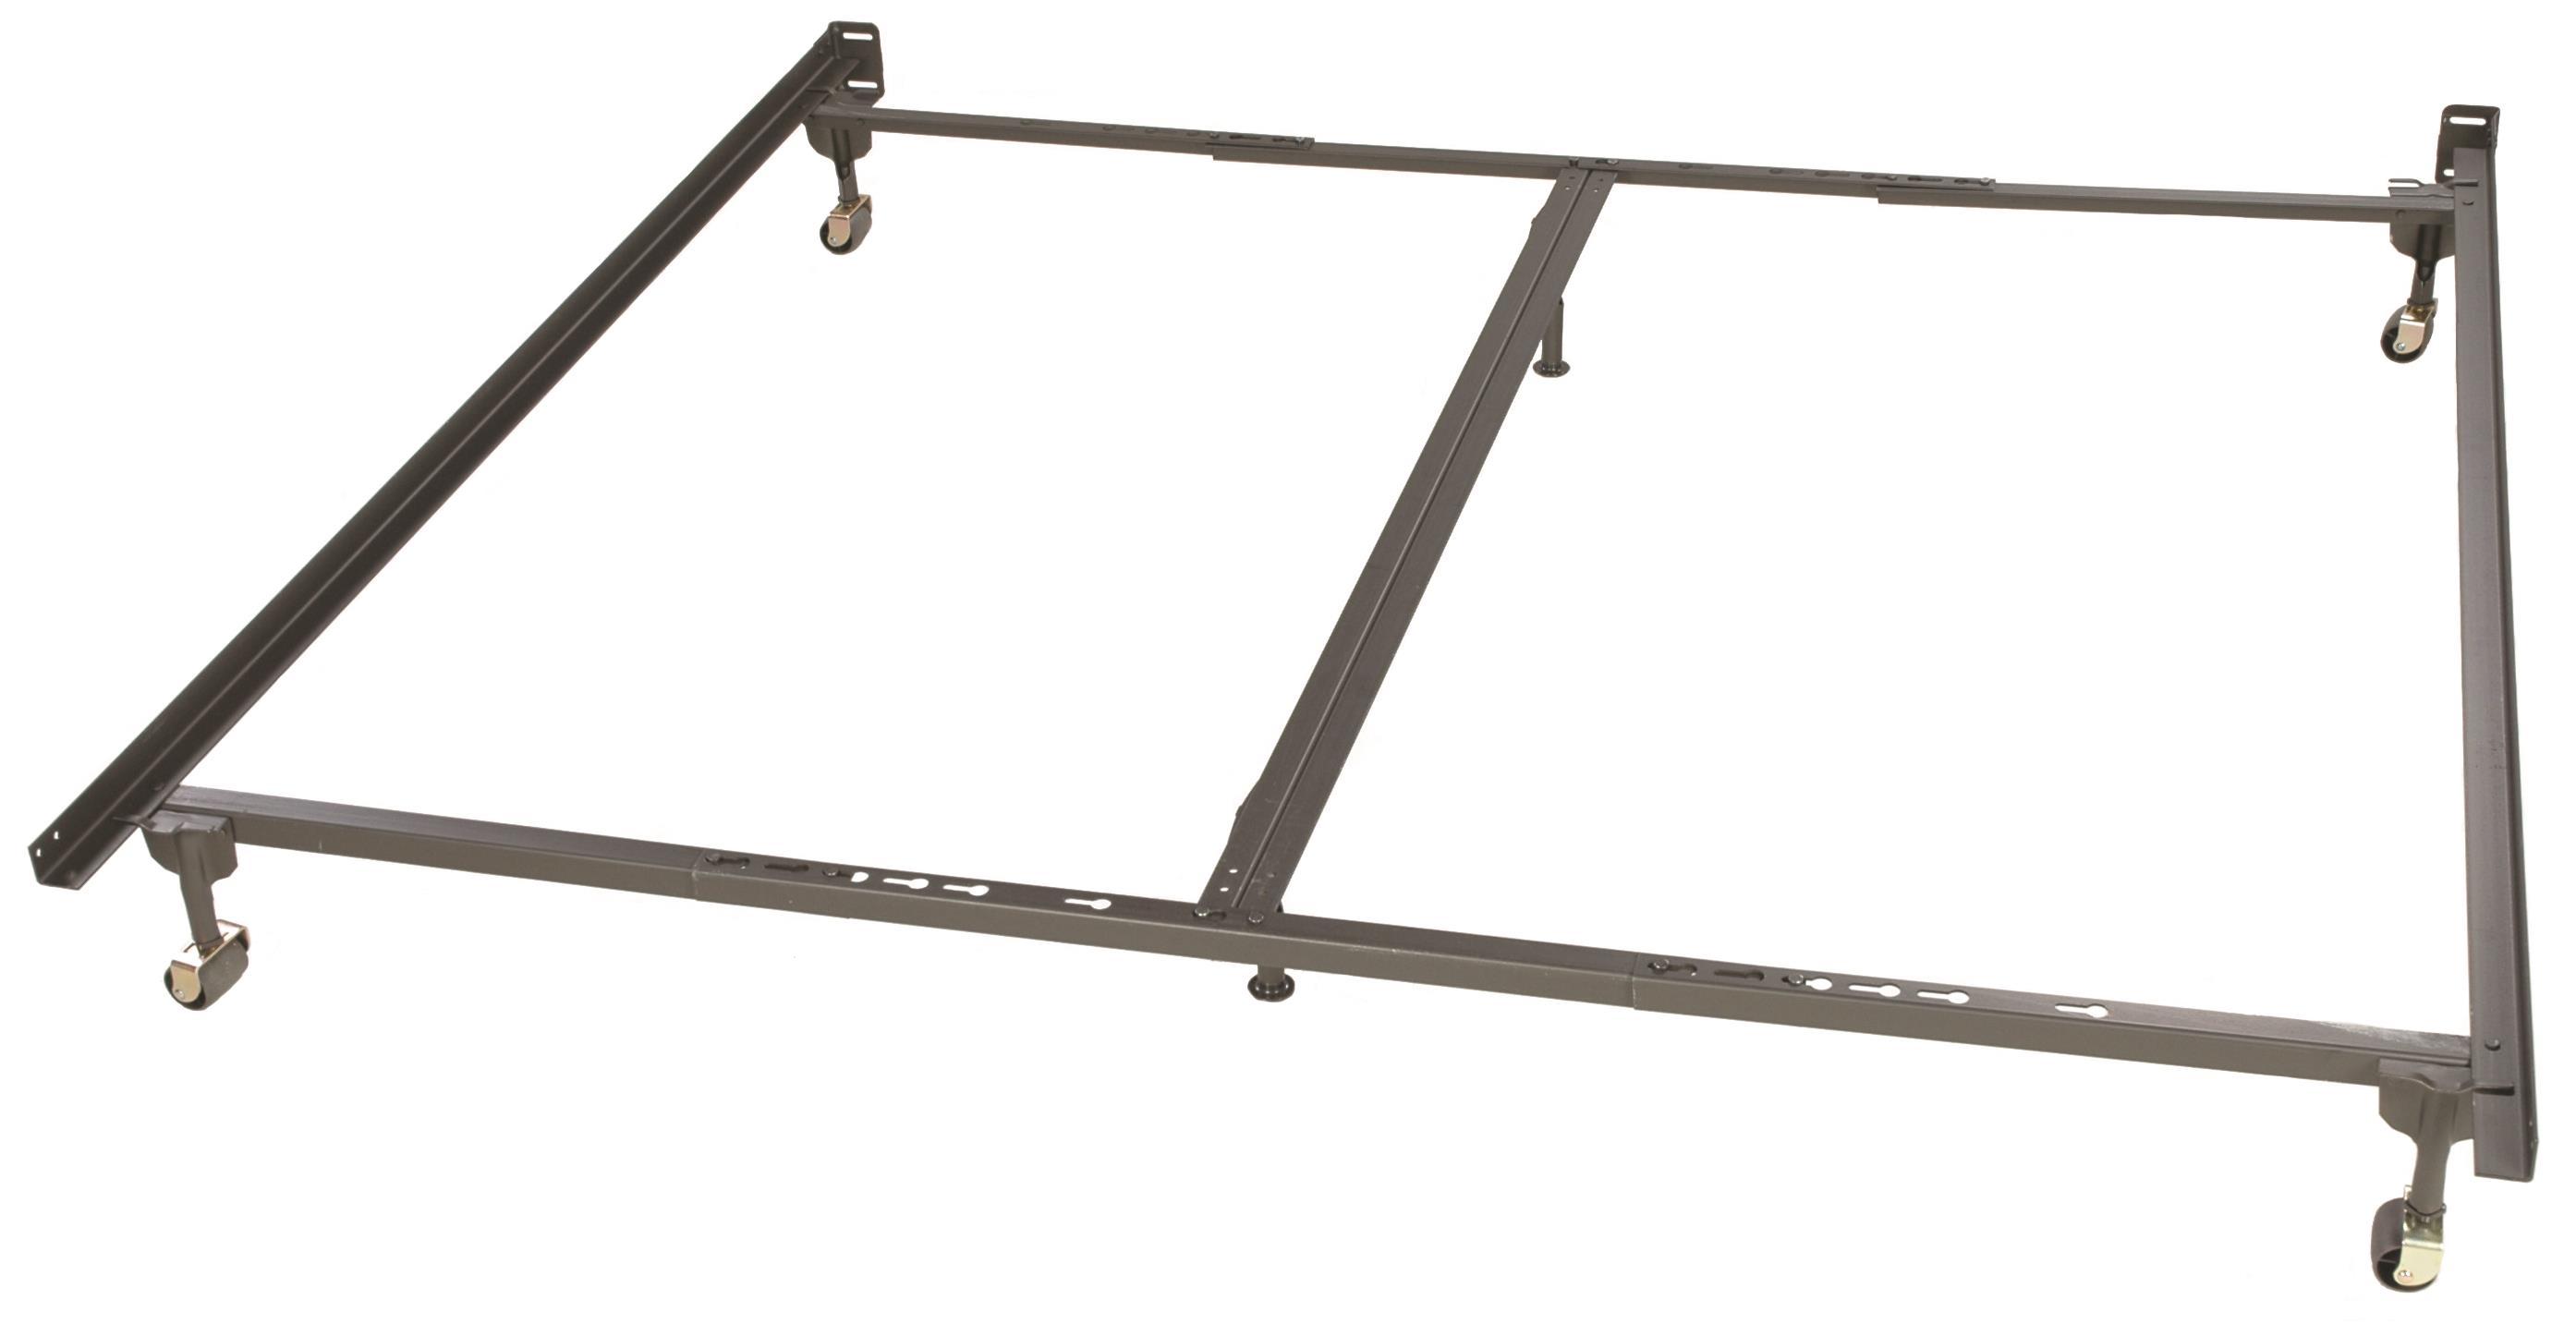 Glideaway Advantage Standard Rug Roller 6 Leg Q/K/CK Rug Roller Frame - Item Number: 66RR